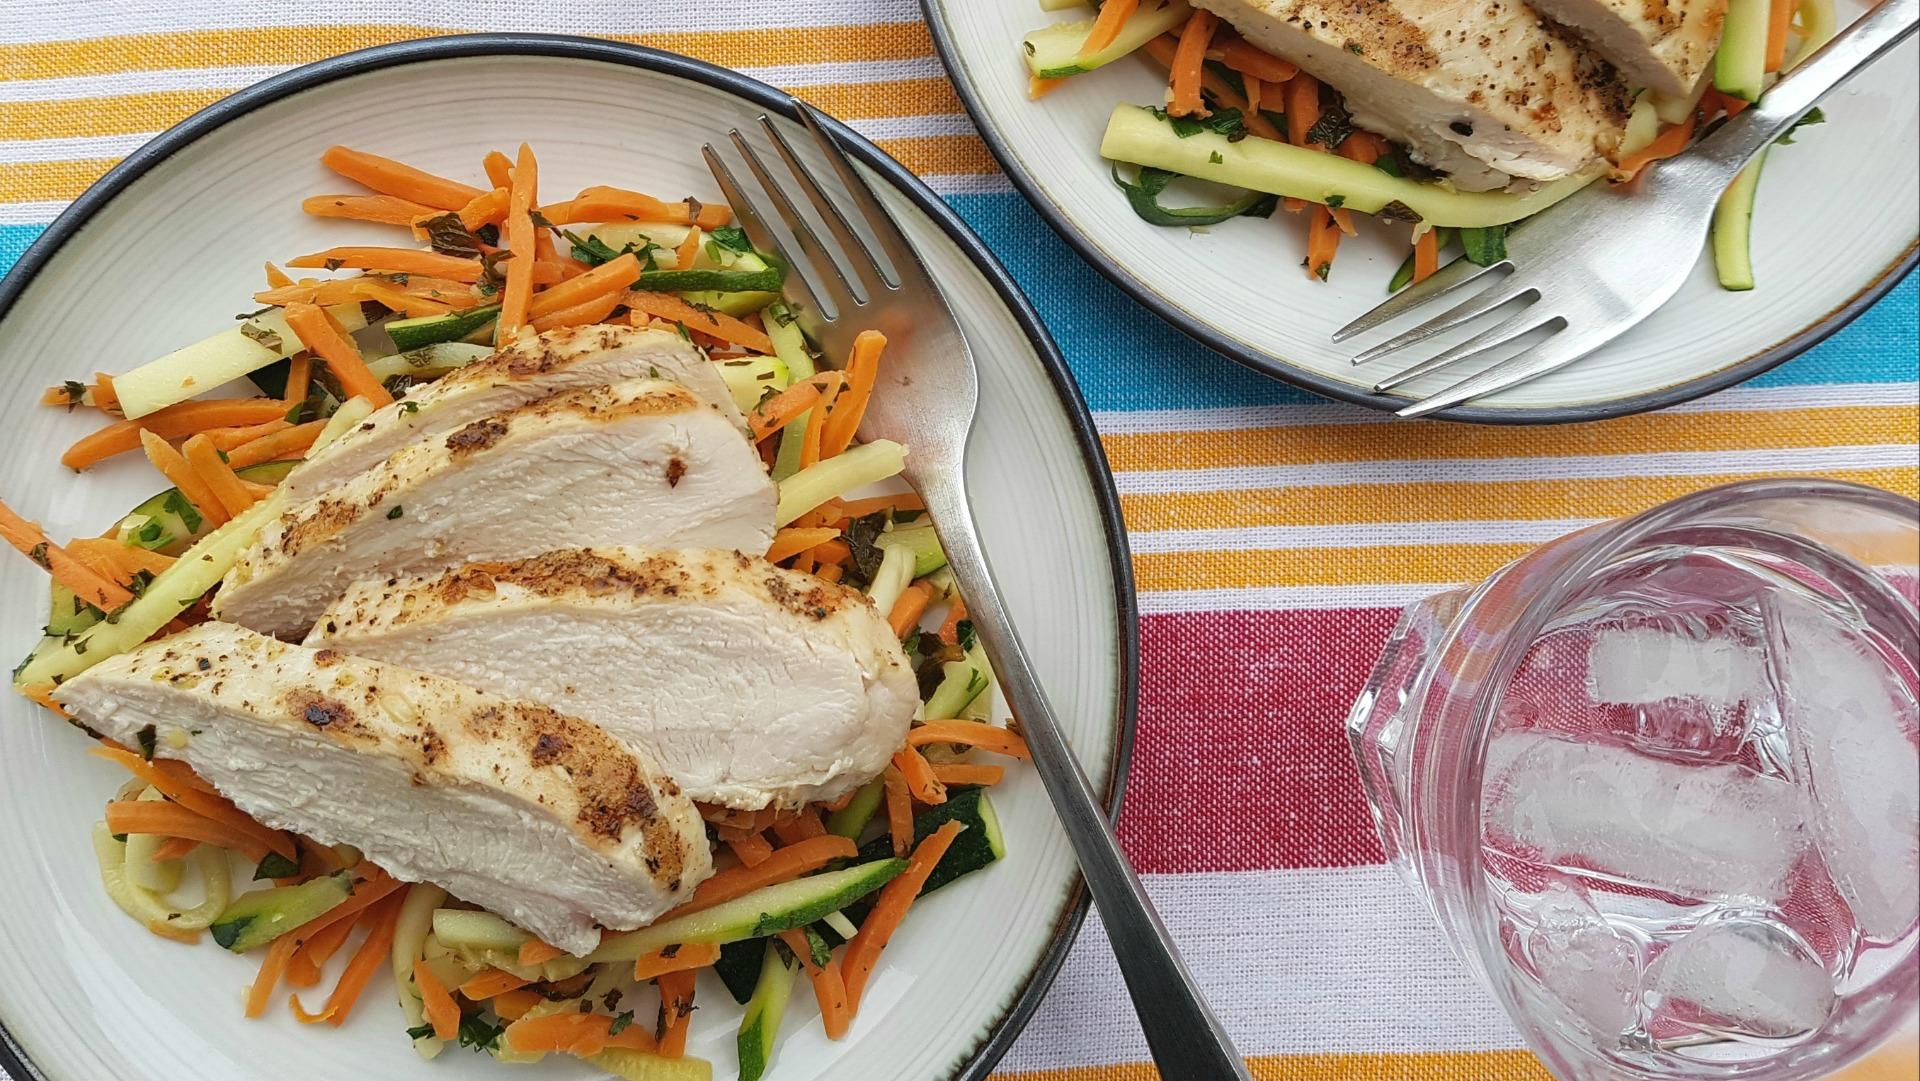 Assiette de poitrine de poulet tranchée avec courgettes et carottes